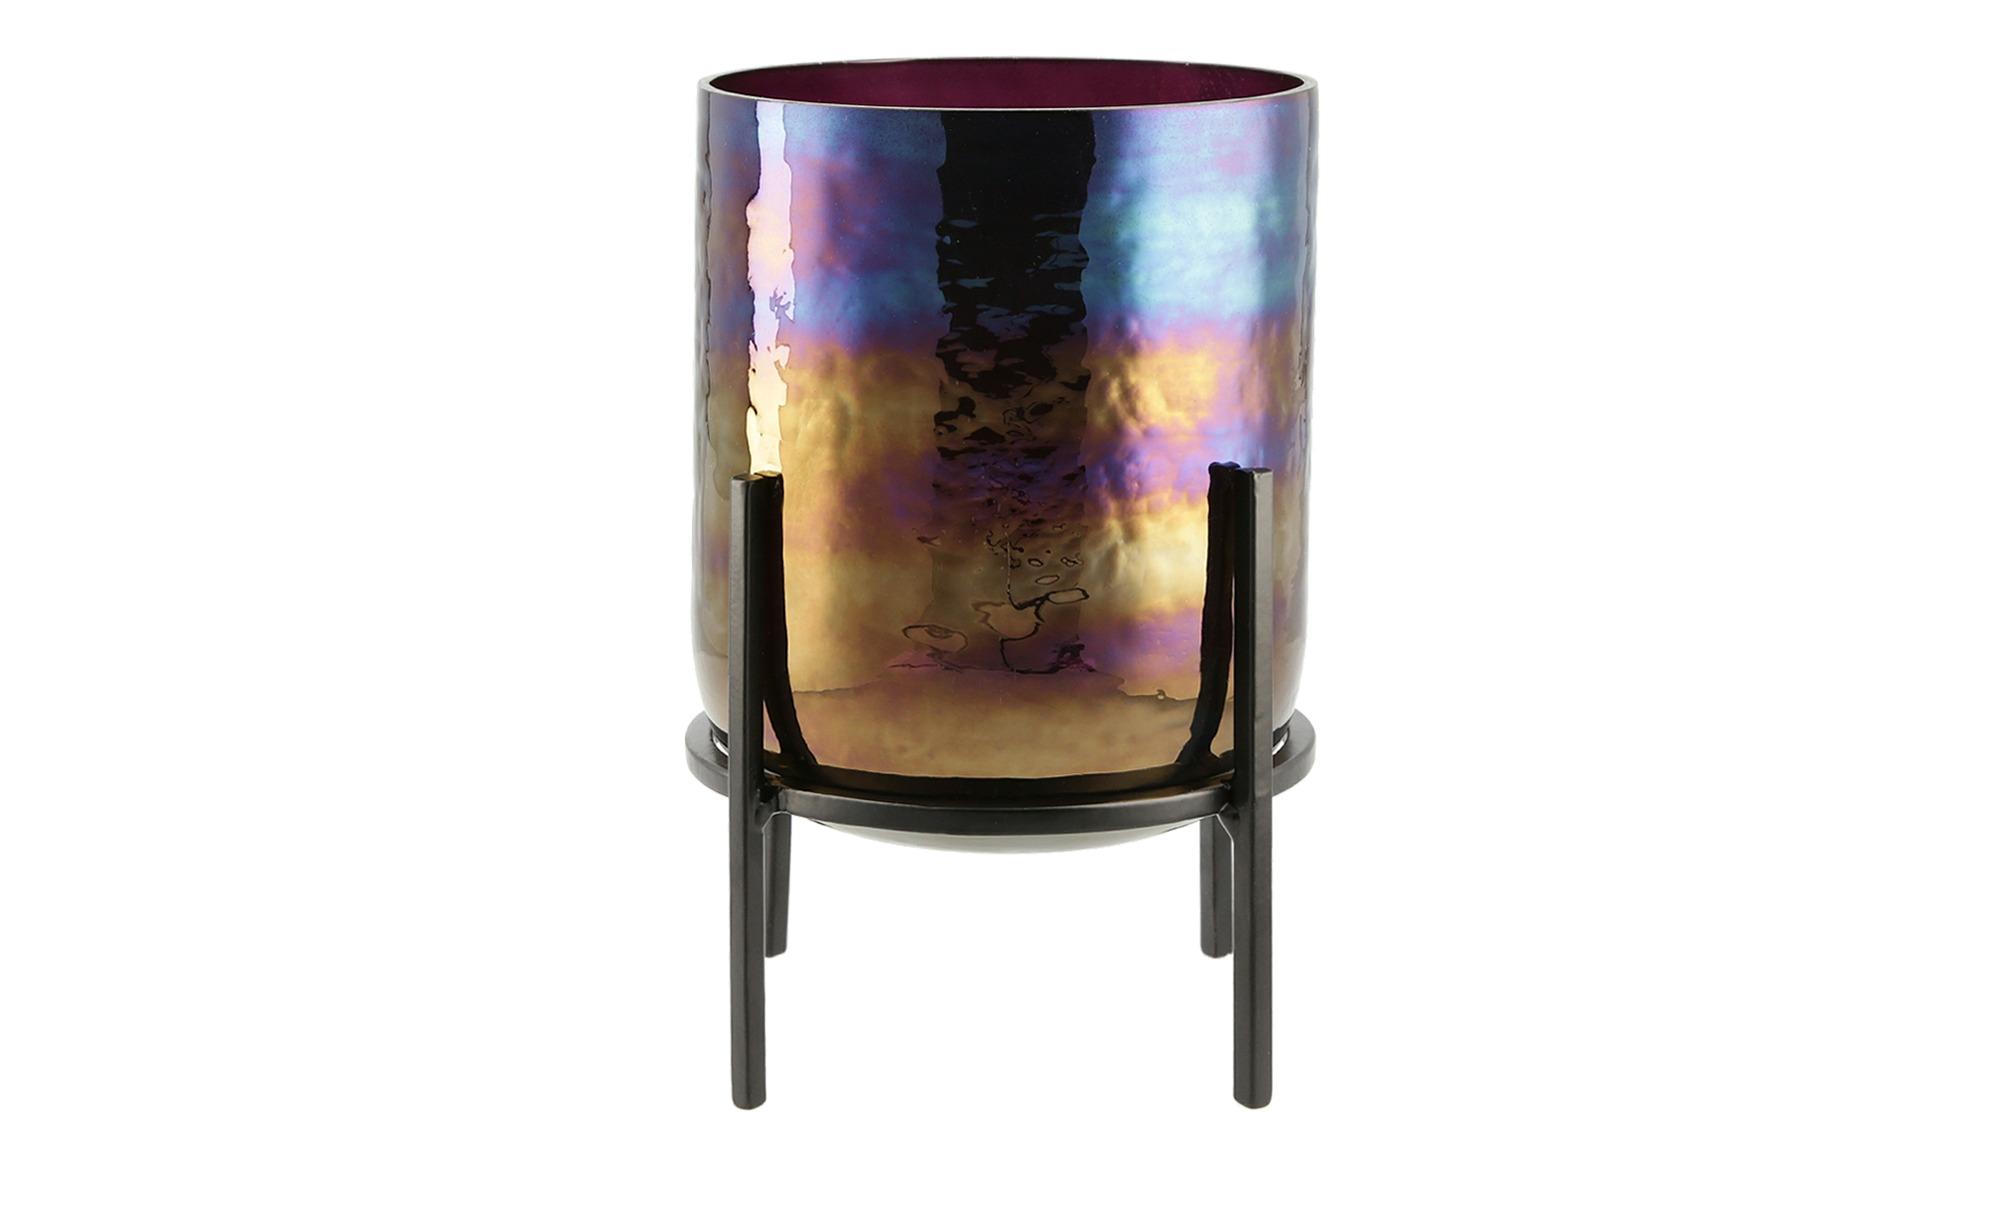 Windlicht ¦ lila/violett ¦ Metall, Glas  ¦ Maße (cm): H: 21 Ø: [13.5] Dekoration > Laternen & Windlichter - Höffner | Dekoration > Kerzen und Kerzenständer > Windlichter | Möbel Höffner DE